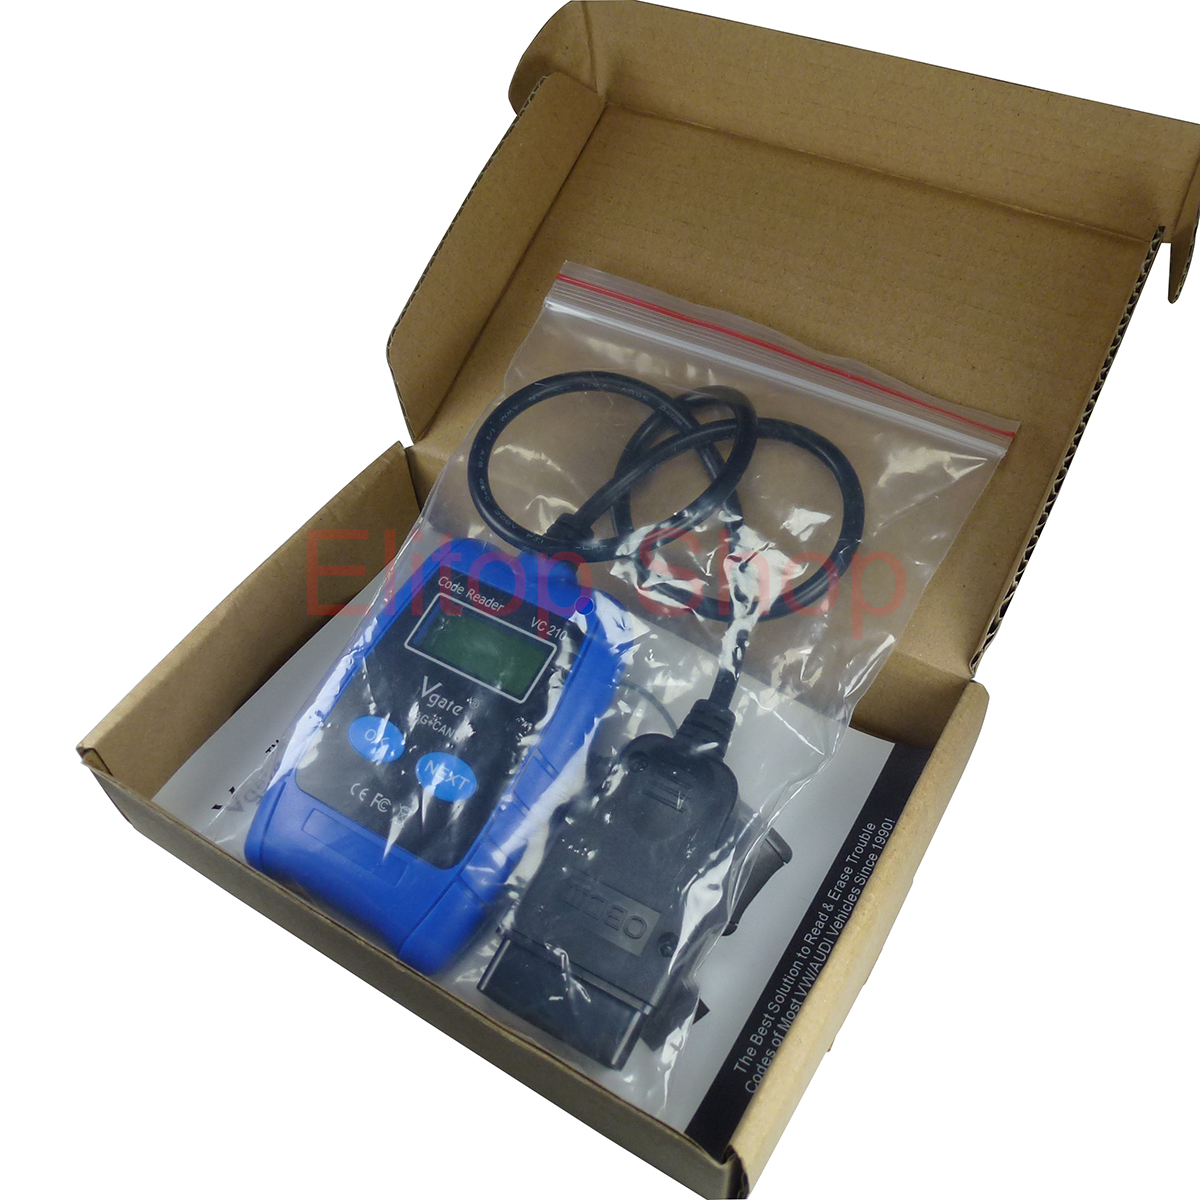 obdii obd i auto scanner code reader diagnostic scan tool for vw audi seat skoda. Black Bedroom Furniture Sets. Home Design Ideas